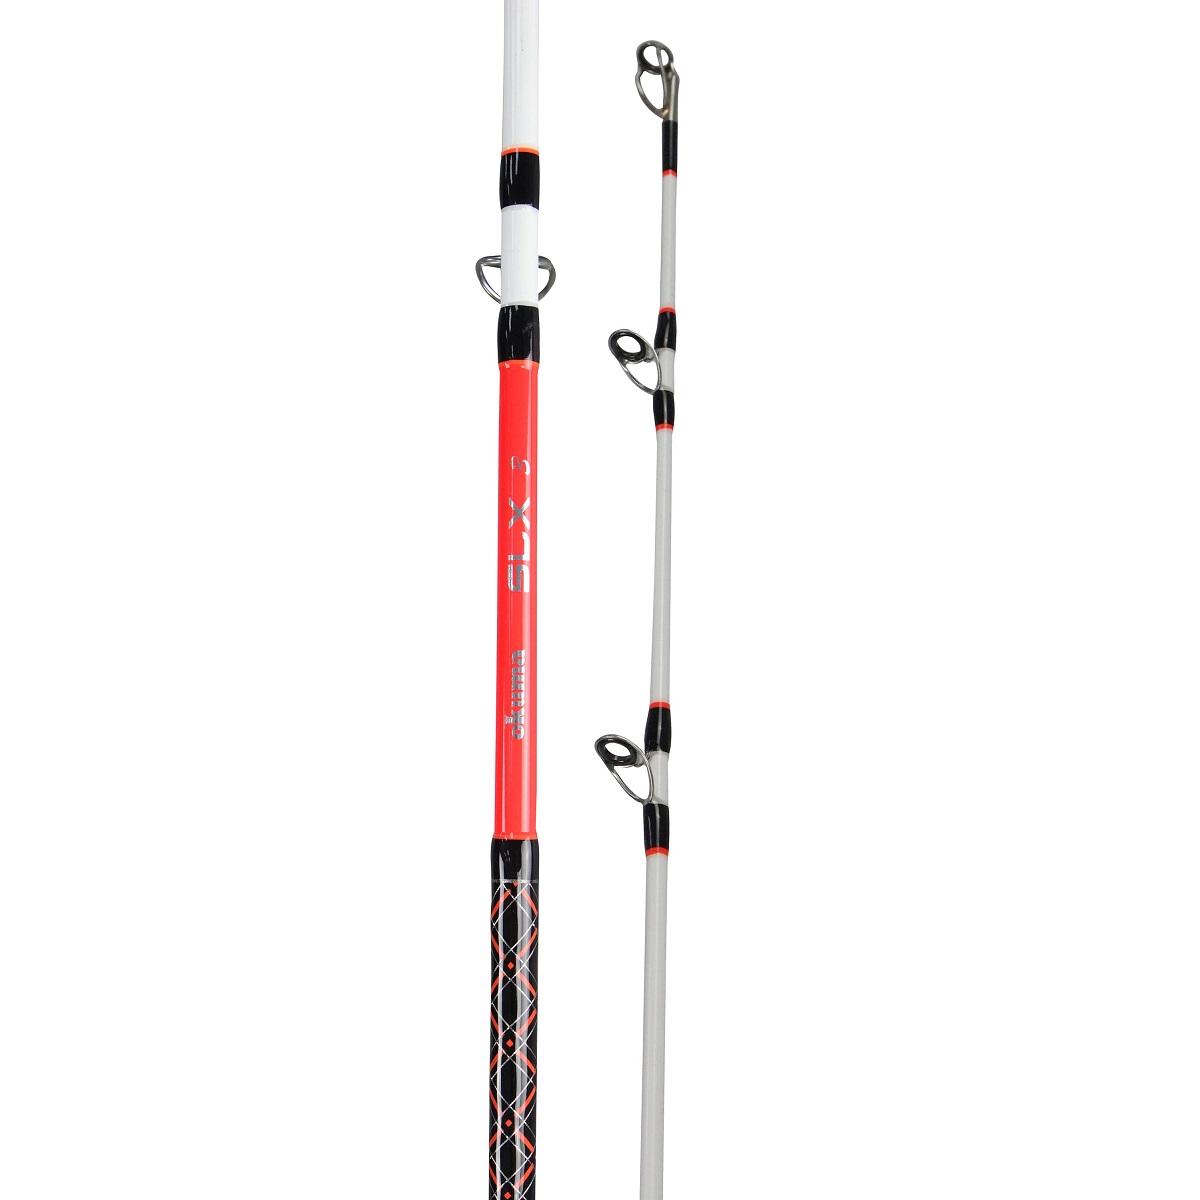 SLX Rod - Okuma SLX Rod-citlivý a odolný 24tunový uhlíkový blank blank-Split rukojeť spojovací objímka, pro přirozené ohyby a snadný transport-Obrobené hliníkové sedlo navijáku s extra pojistnou maticí